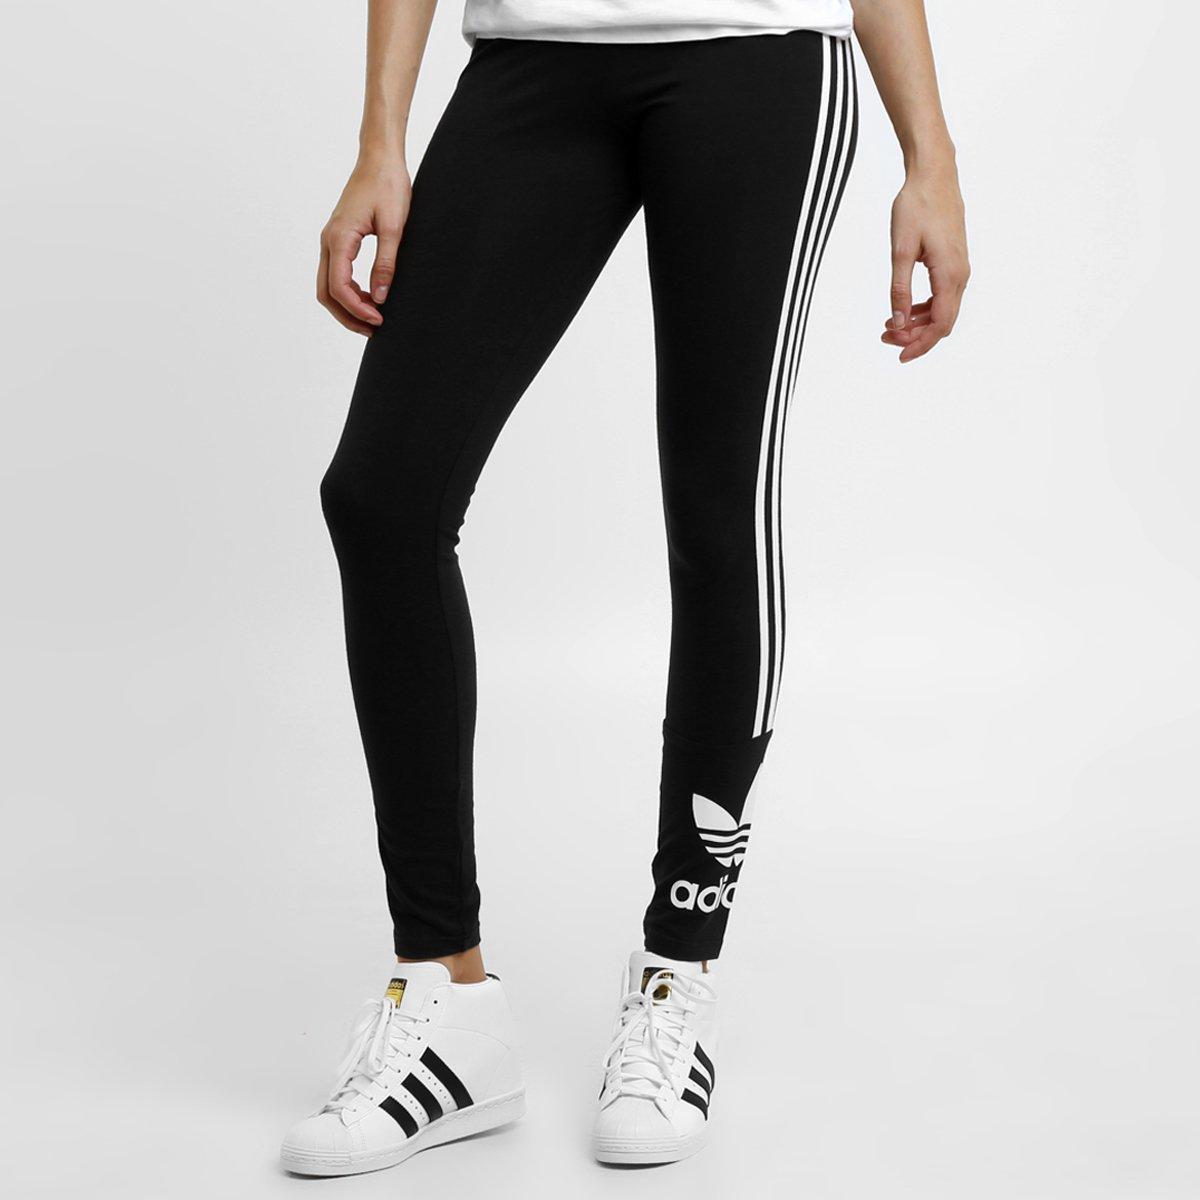 d0b54e0ac Calça Legging Adidas 3 Stripes - Compre Agora